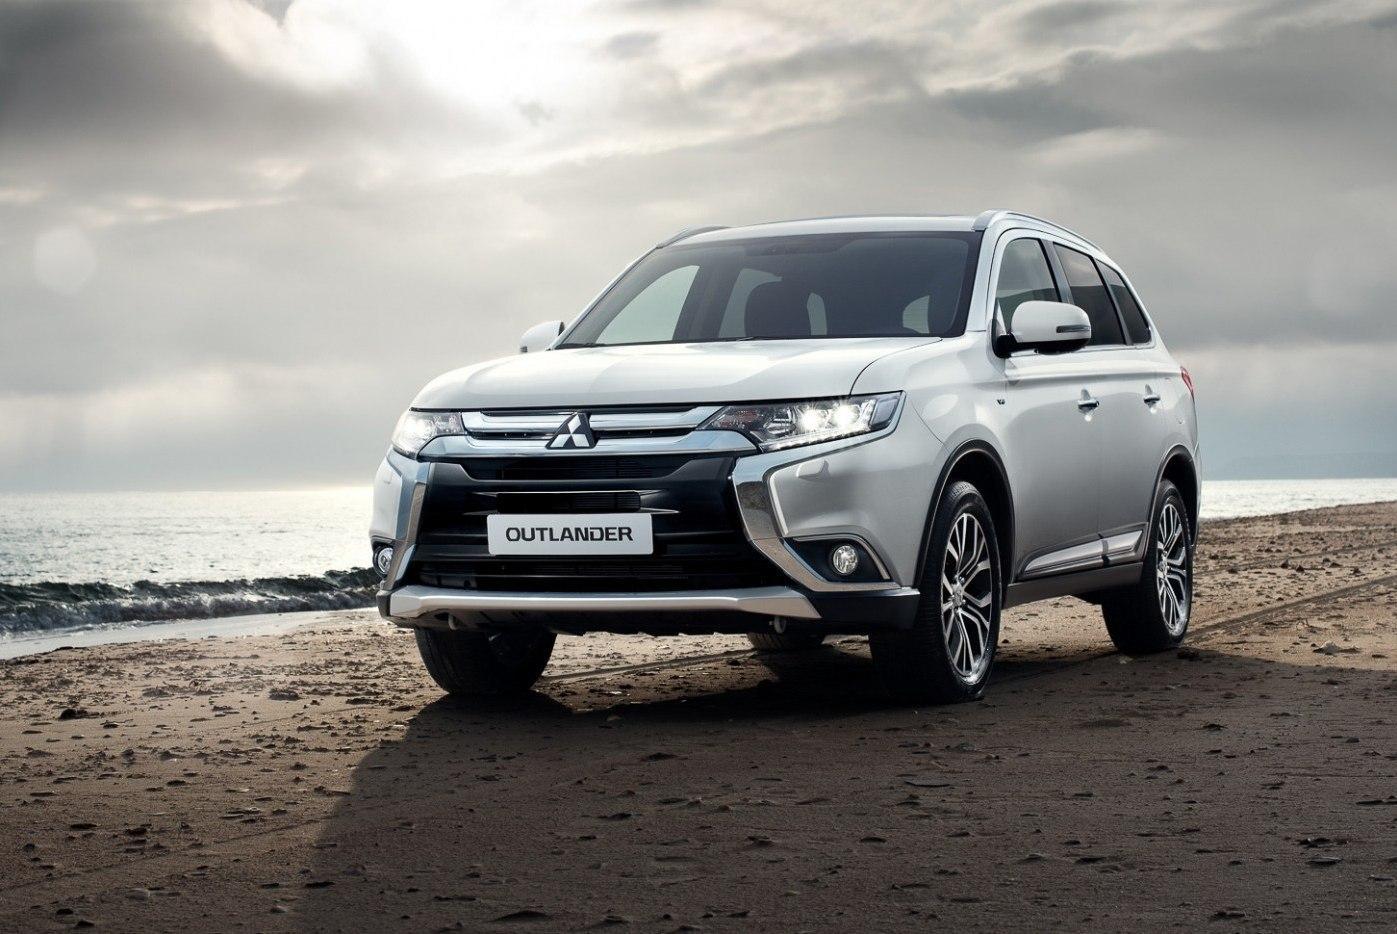 Mitsubishi снизила стоимость обслуживания впостгарантийный период